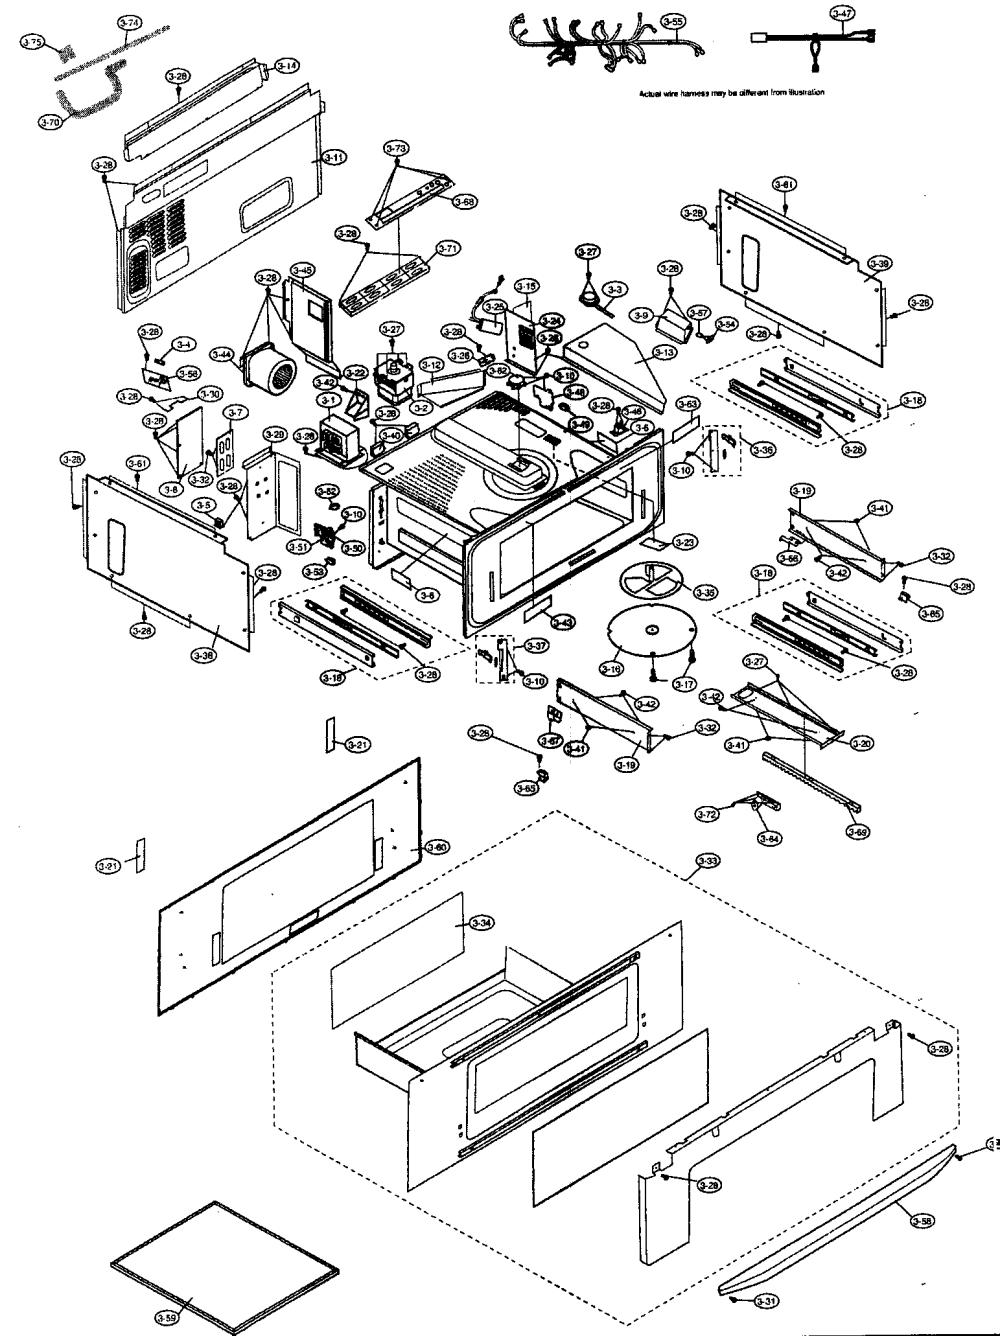 medium resolution of 95 mazda 626 engine diagram